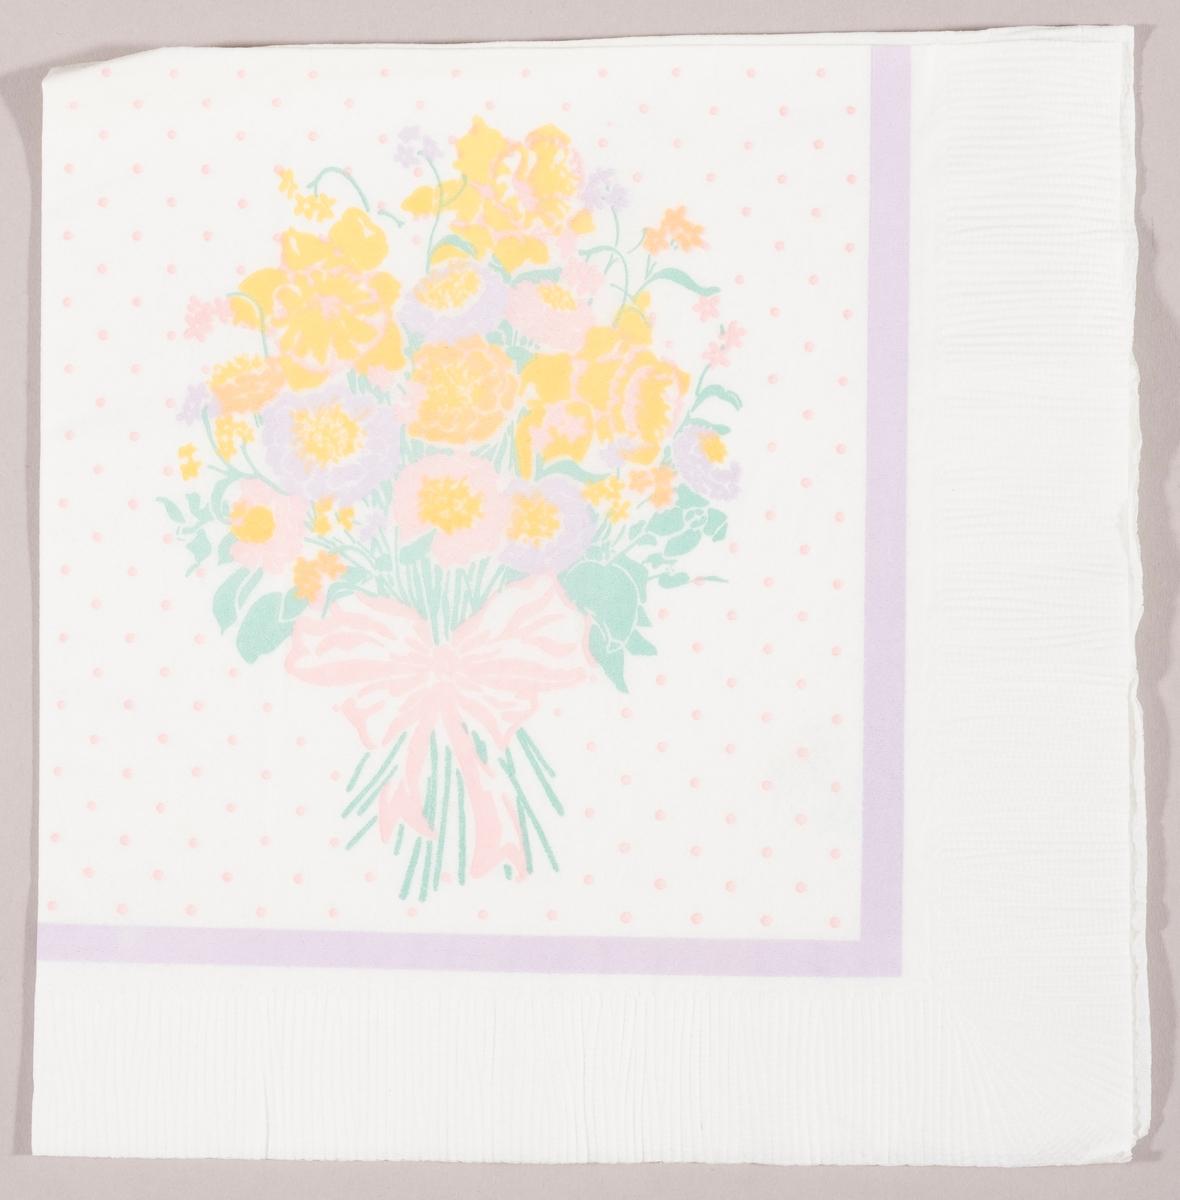 En bukett med påskeliljer og andre blomster bundet med en rosa sløyfe. Lilla kantstripe og rosa prikker.